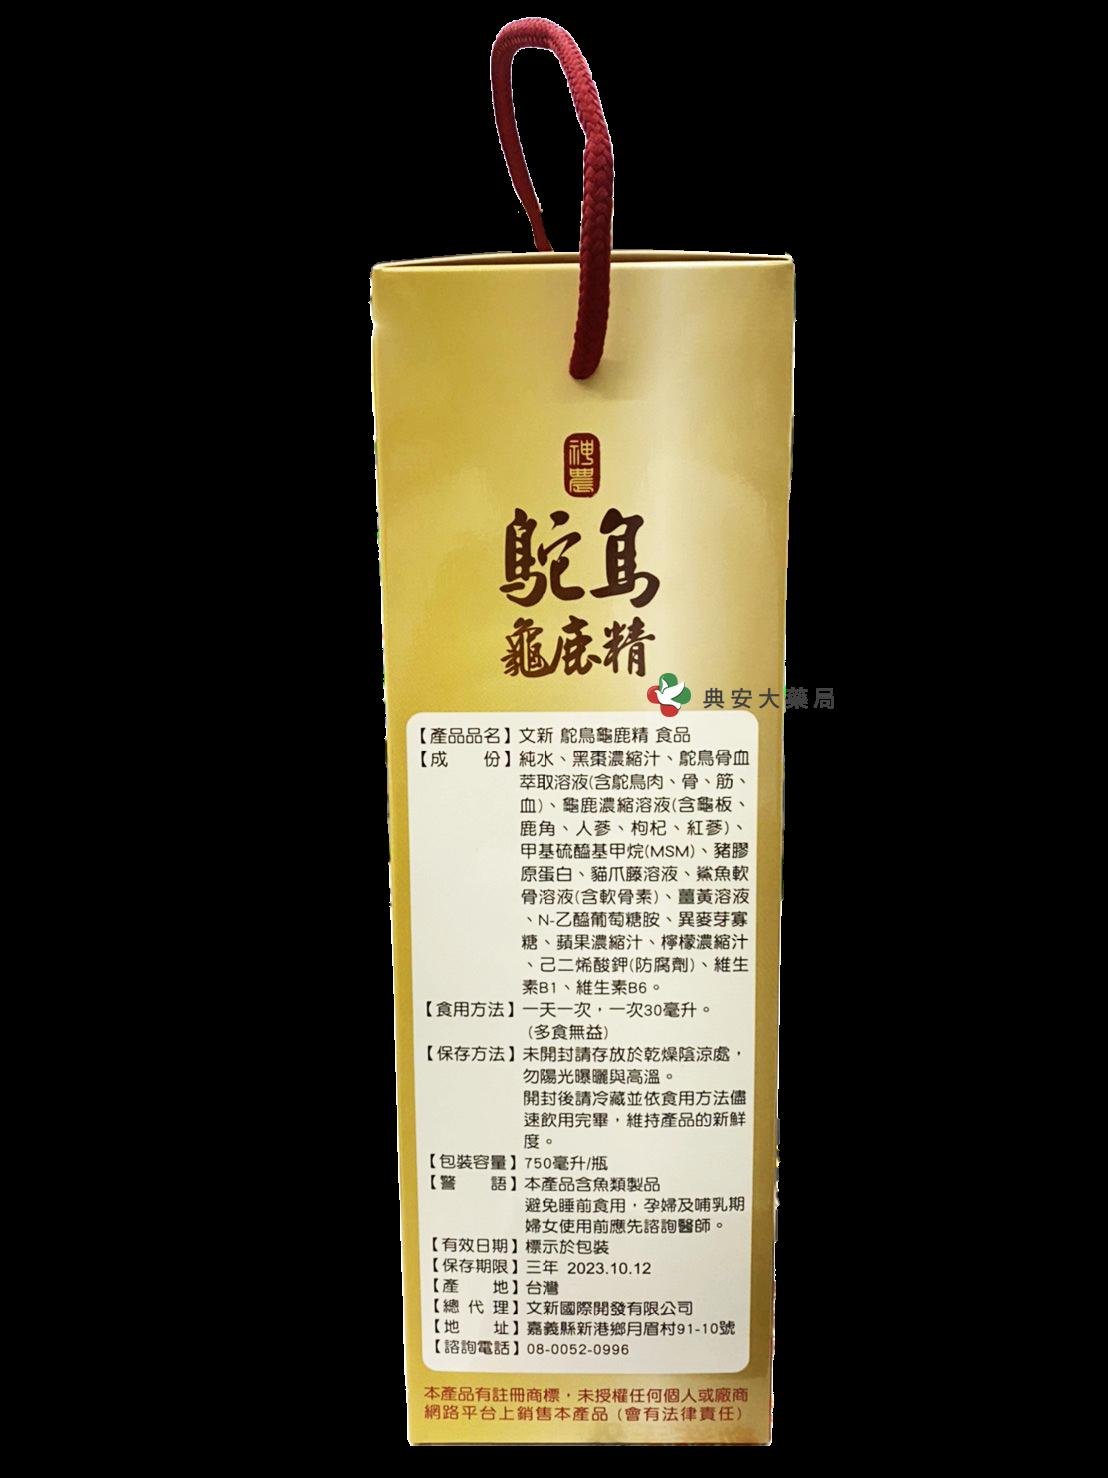 【神農】 龜鹿鴕鳥精 中西複合配方 750ml   典安大藥局